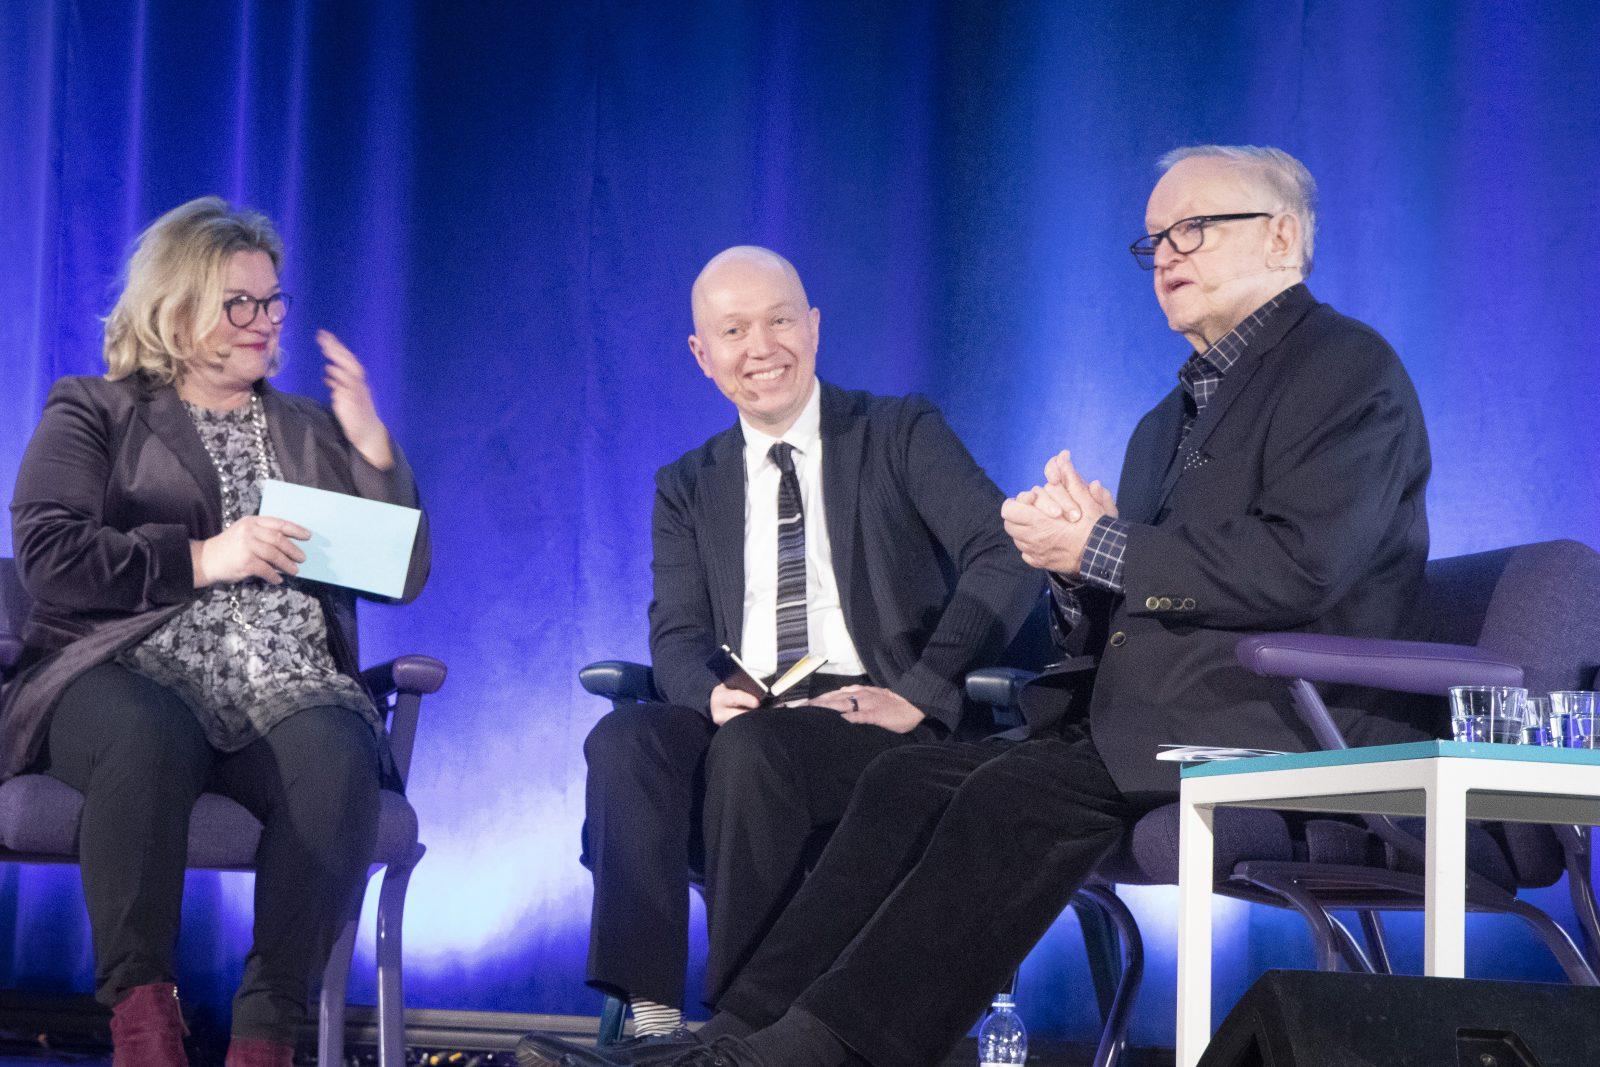 CMI:n viestintäjohtaja Elina Lehtinen haastattelemassa Marko Ahtisaarta ja presidentti Martti Ahtisaarta Aalto-yliopiston keskustelutilaisuudessa.